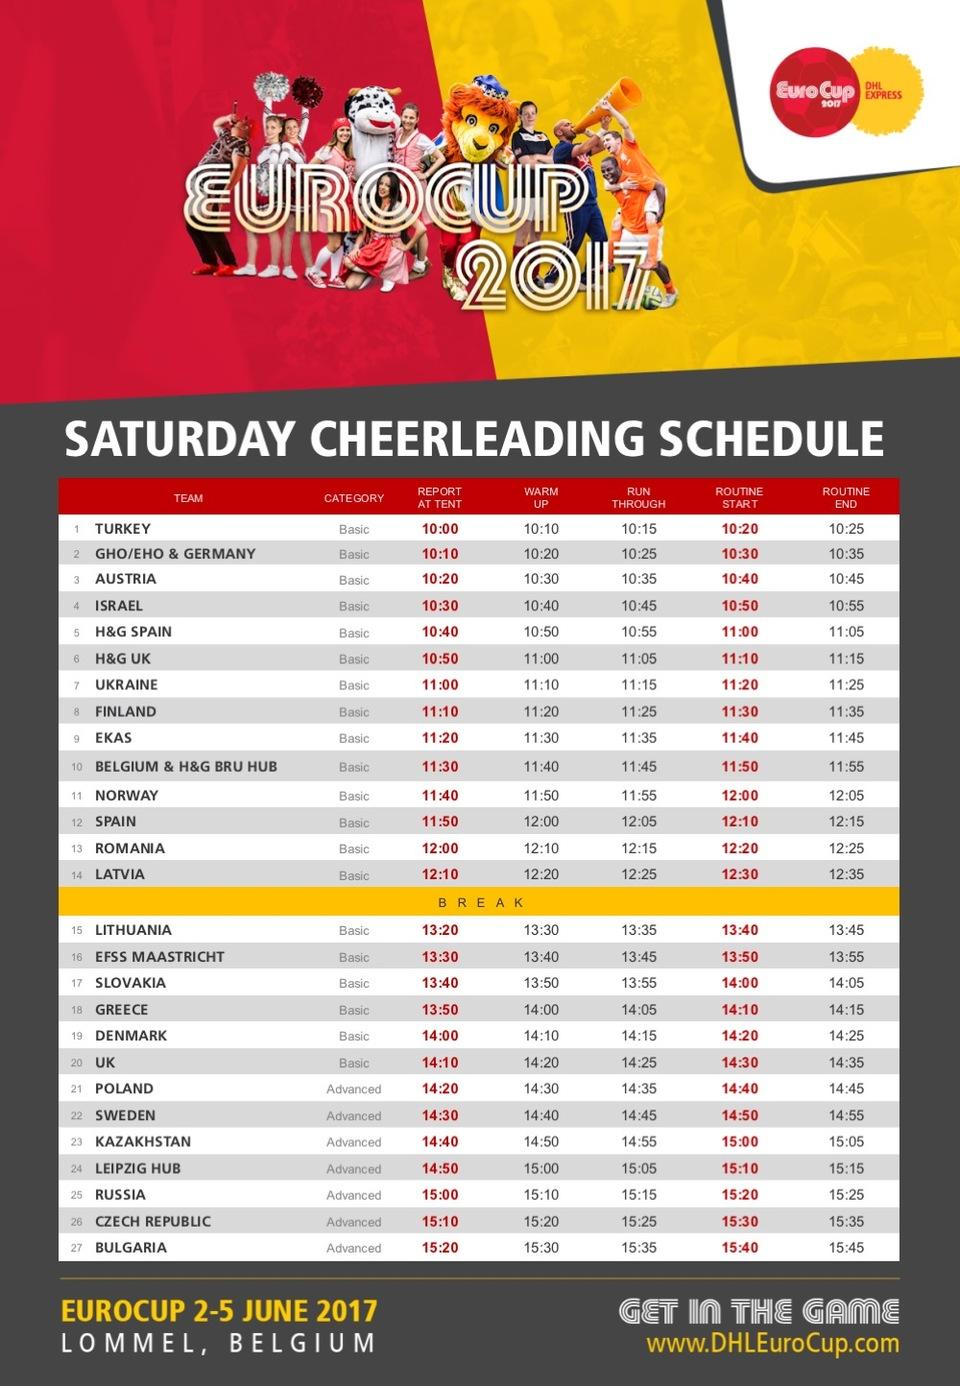 Cheerleading Schedule